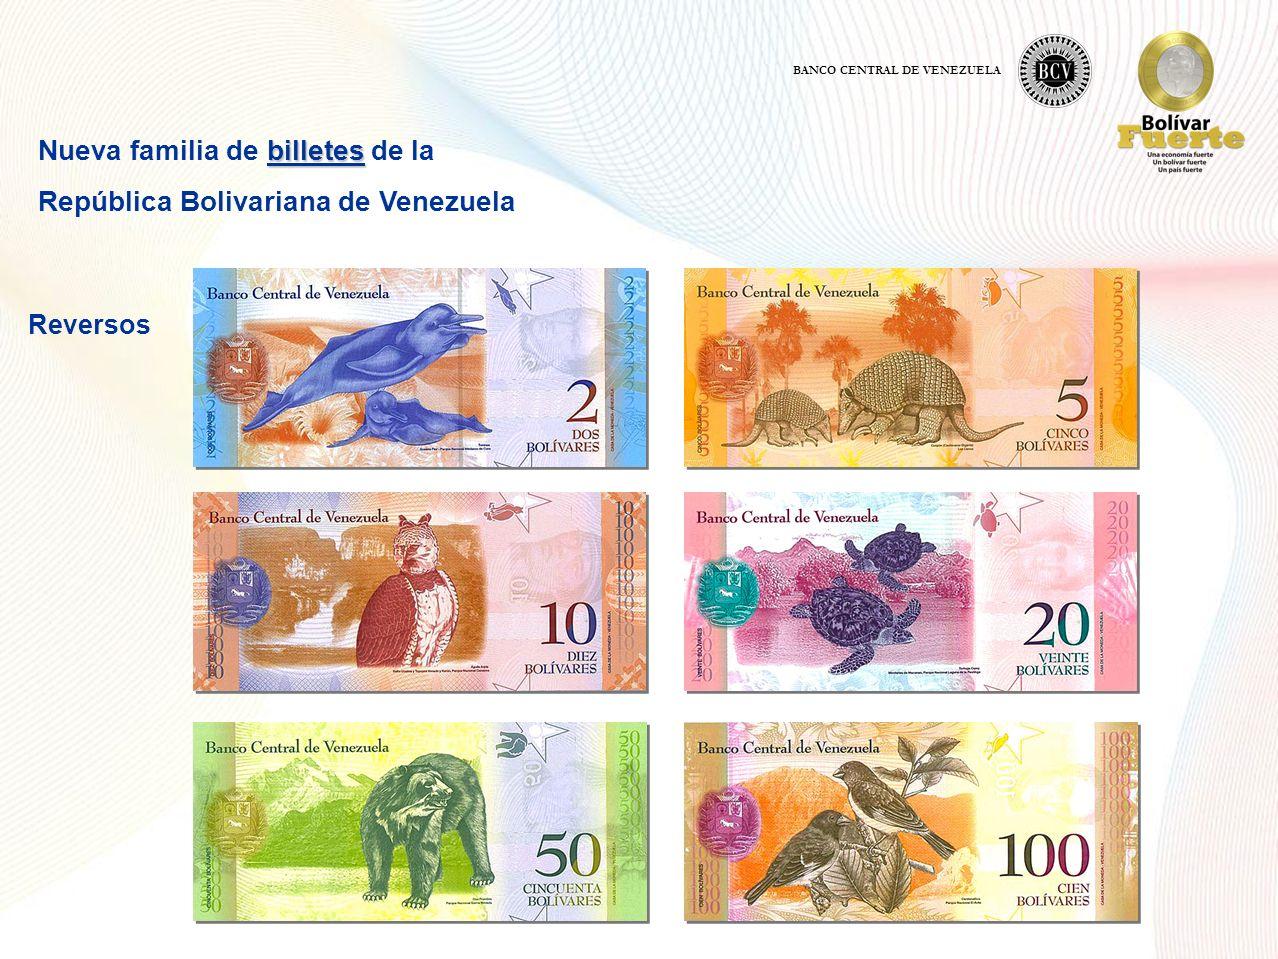 billetes Nueva familia de billetes de la República Bolivariana de Venezuela BANCO CENTRAL DE VENEZUELA Reversos